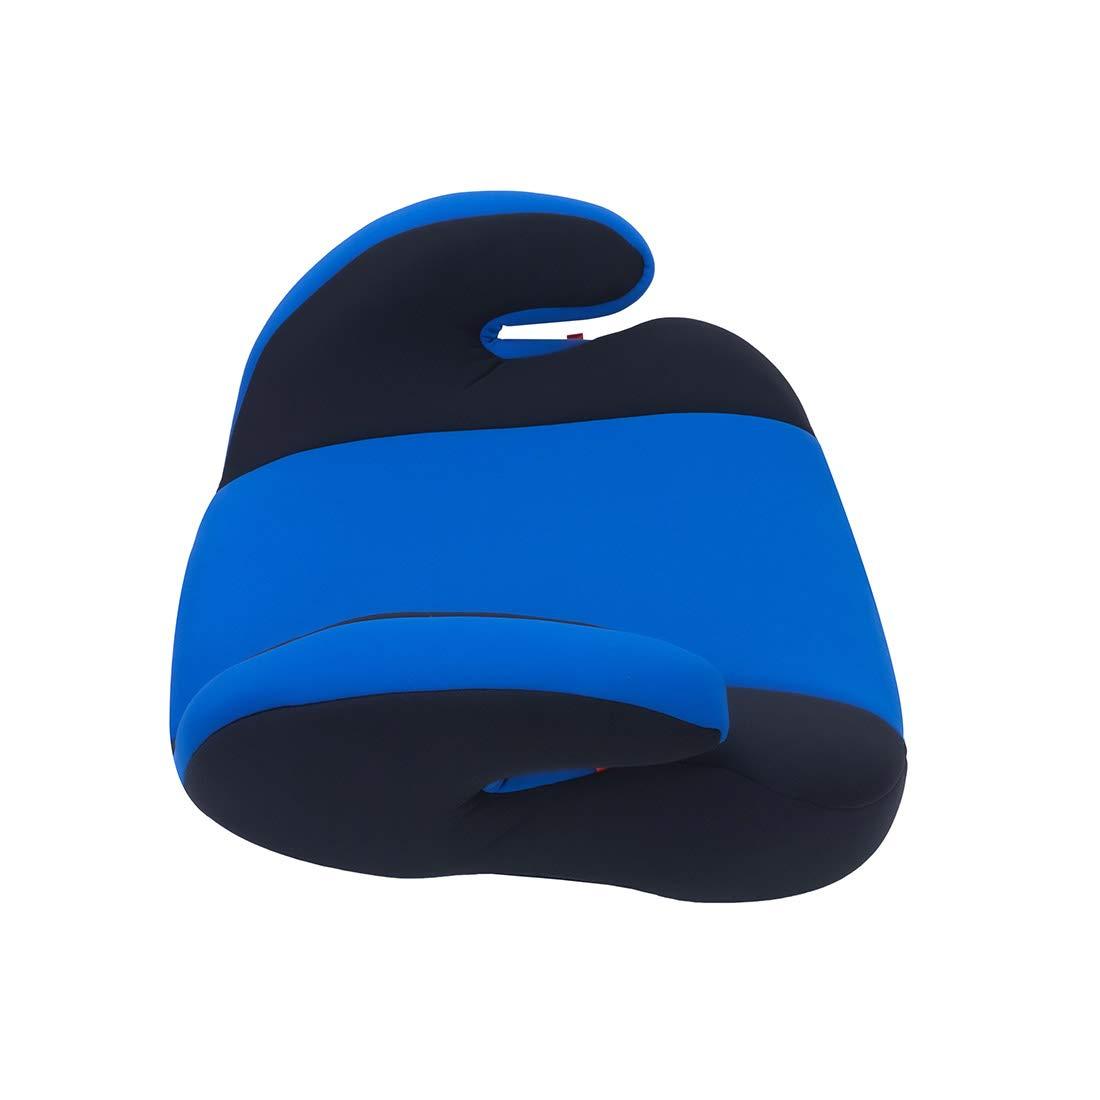 Blu Petex 44430905 Rialzo per seggiolino Maja colore